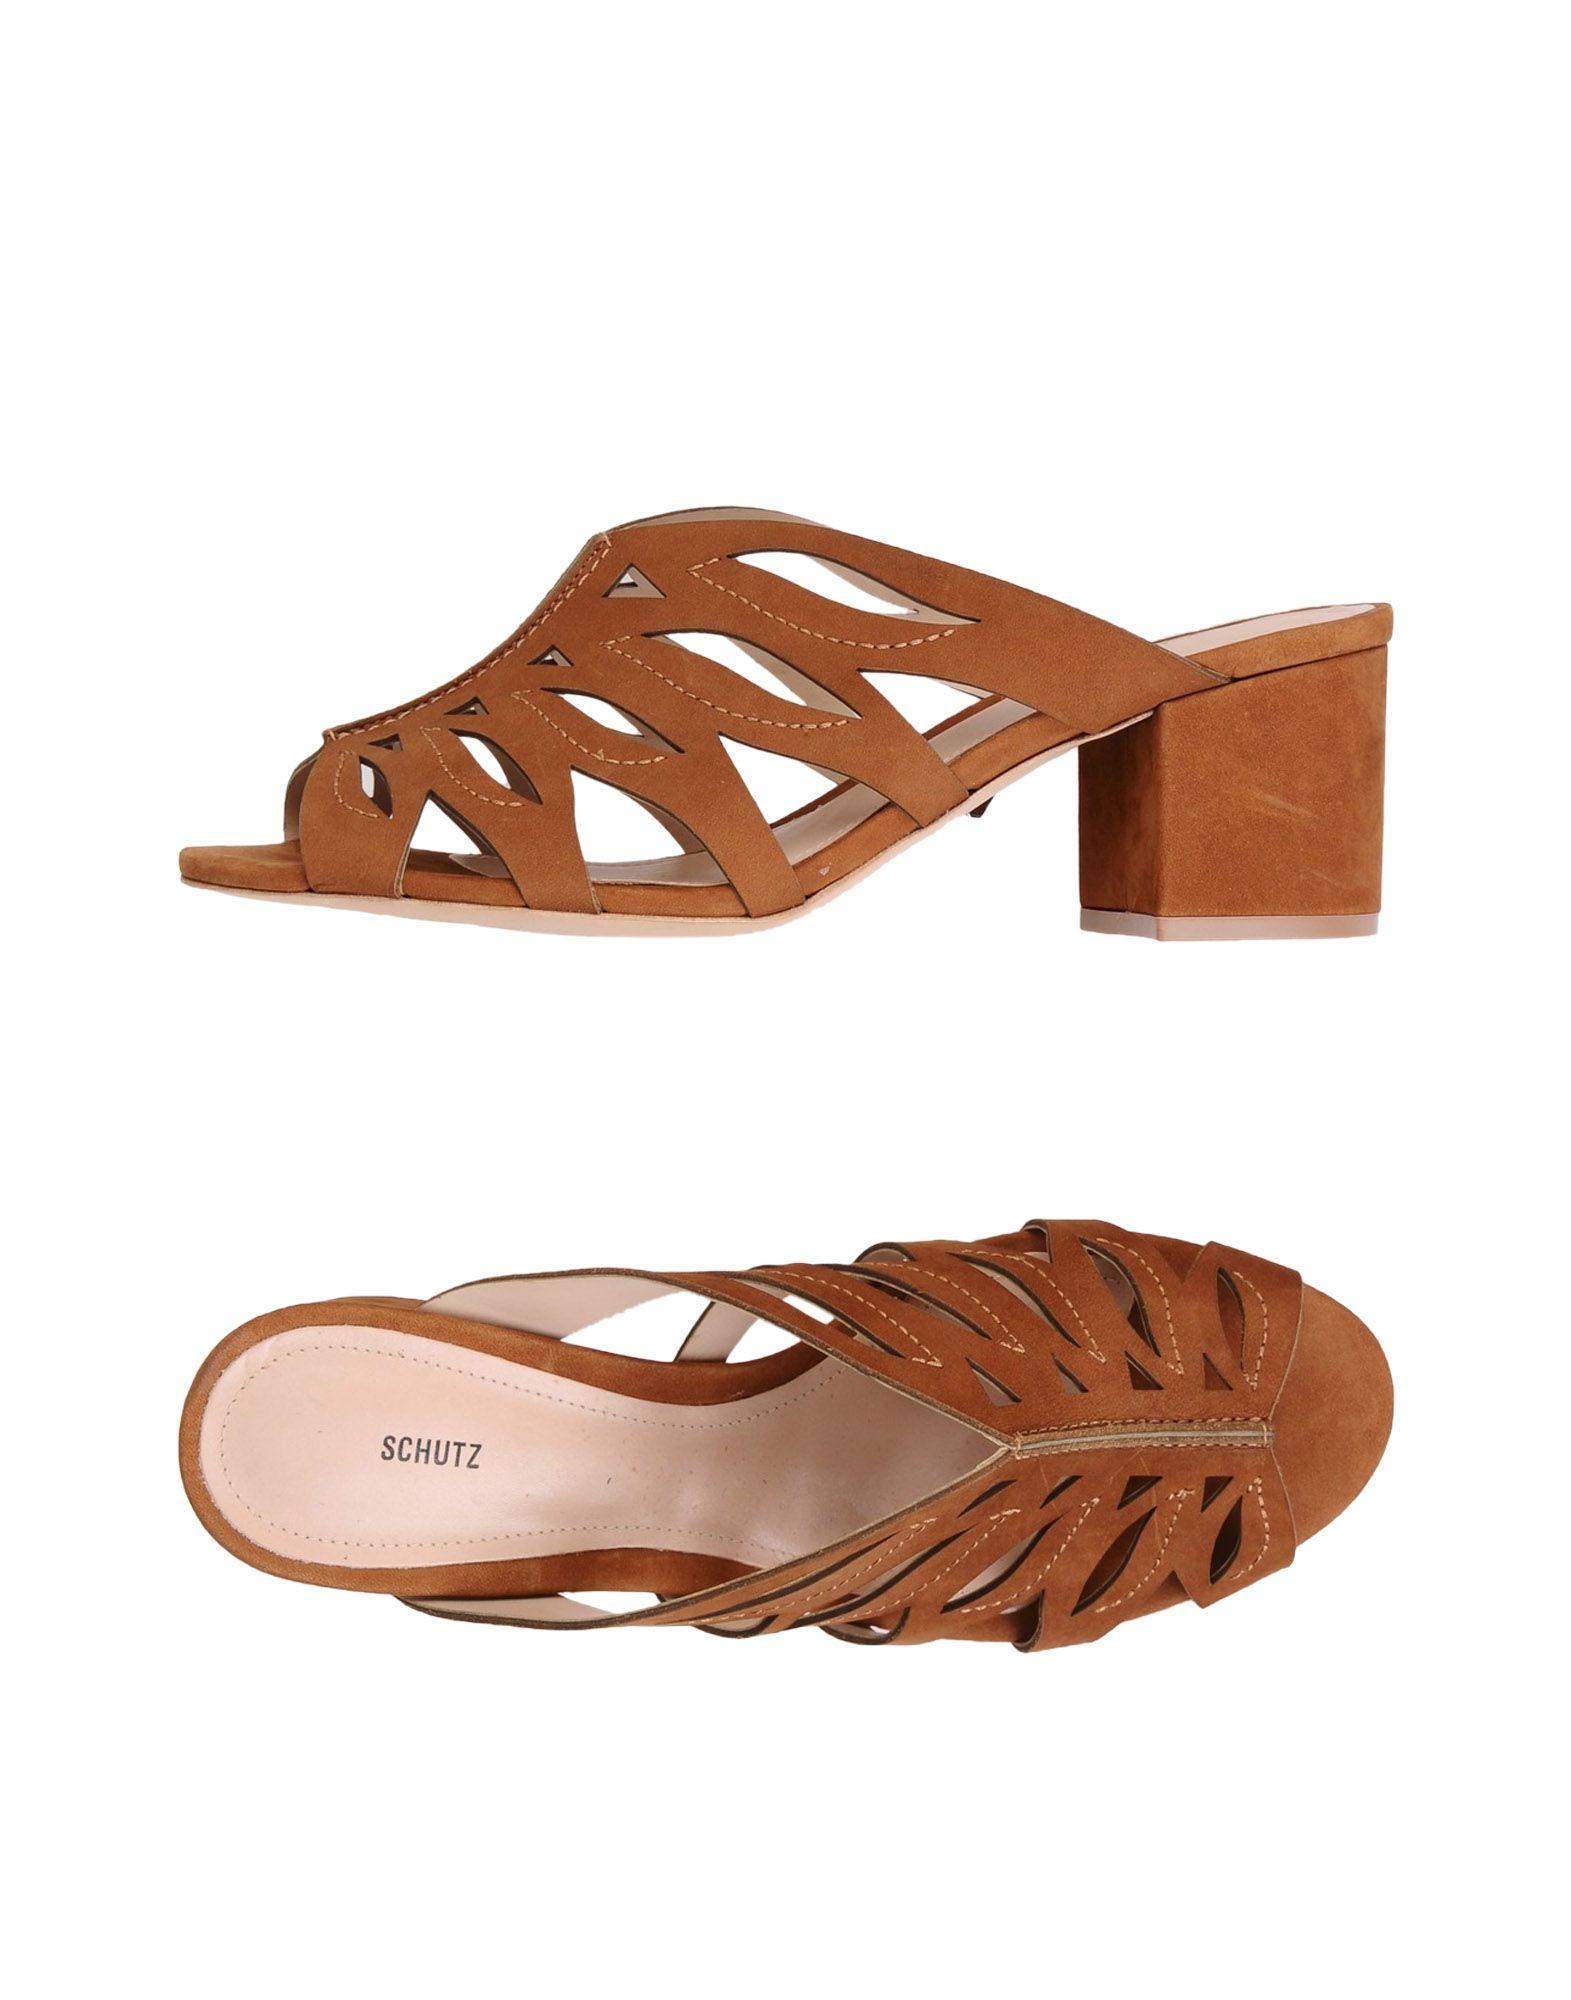 Haltbare Mode billige Schuhe Schutz Sandalen Damen  11458129UC Heiße Schuhe